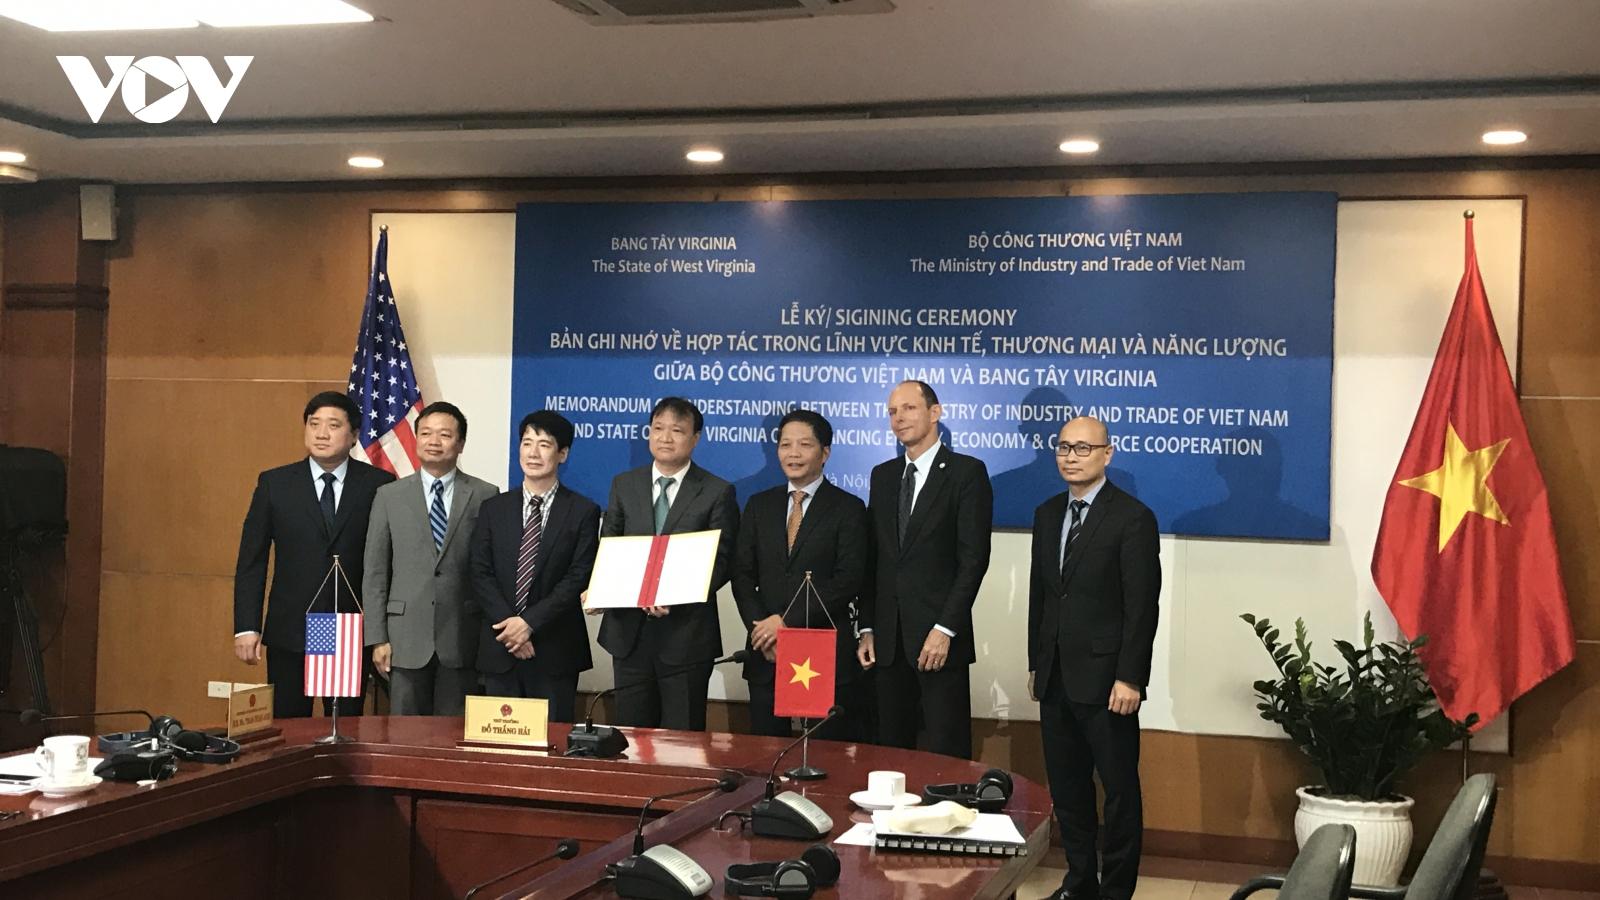 Cơ hội khai thác tiềm năng kinh tế toàn diện giữa Việt Nam và bang Tây Virginia